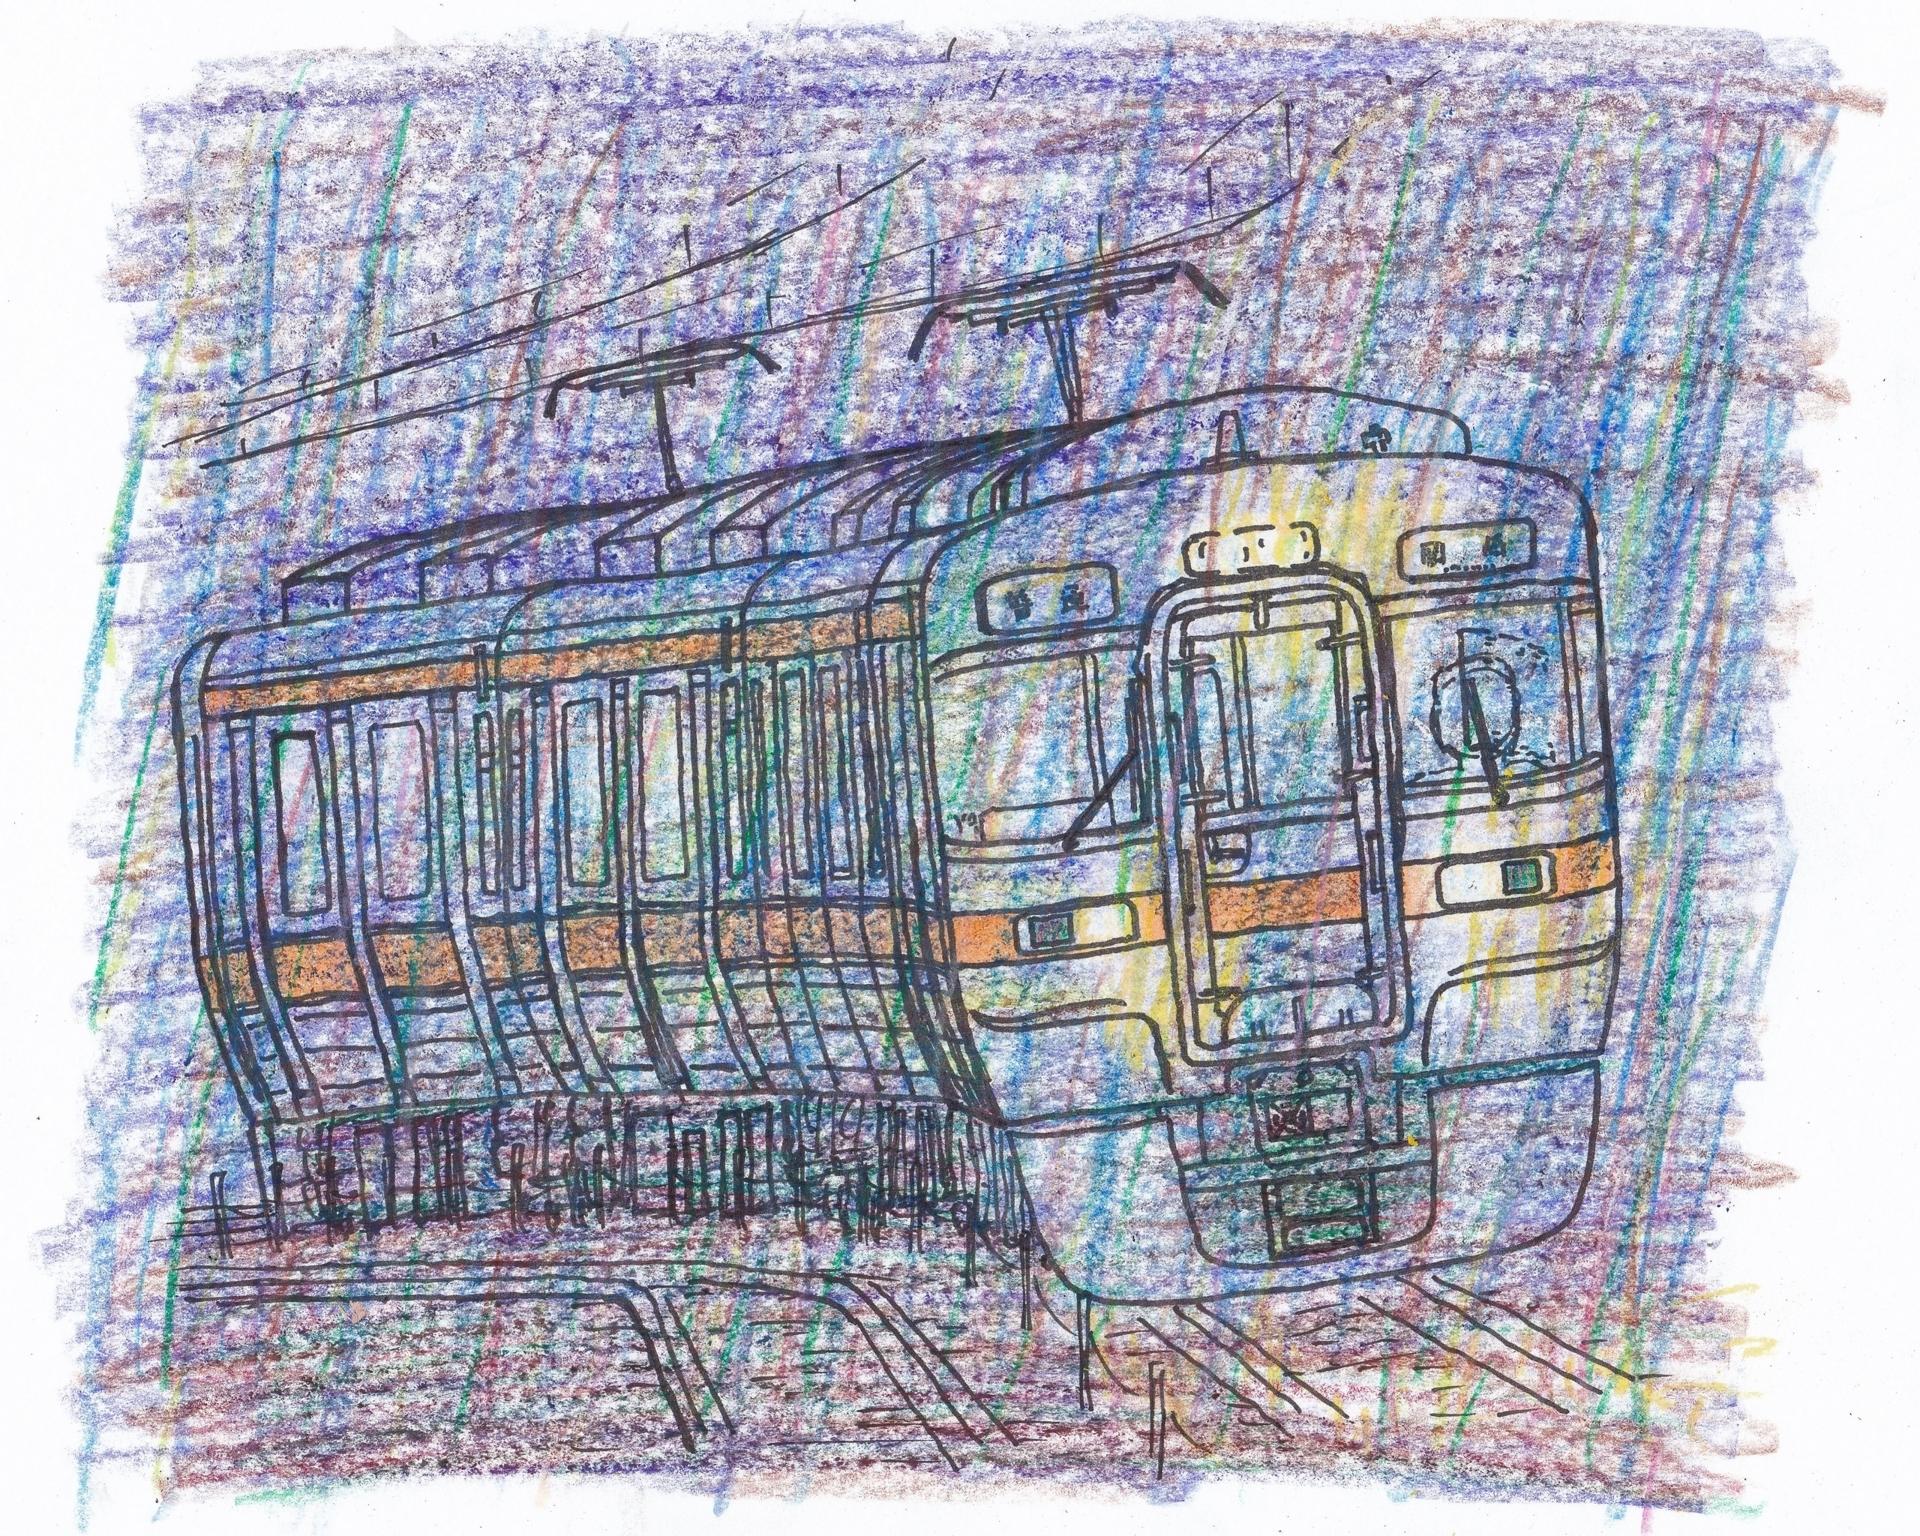 313系電車のイラスト